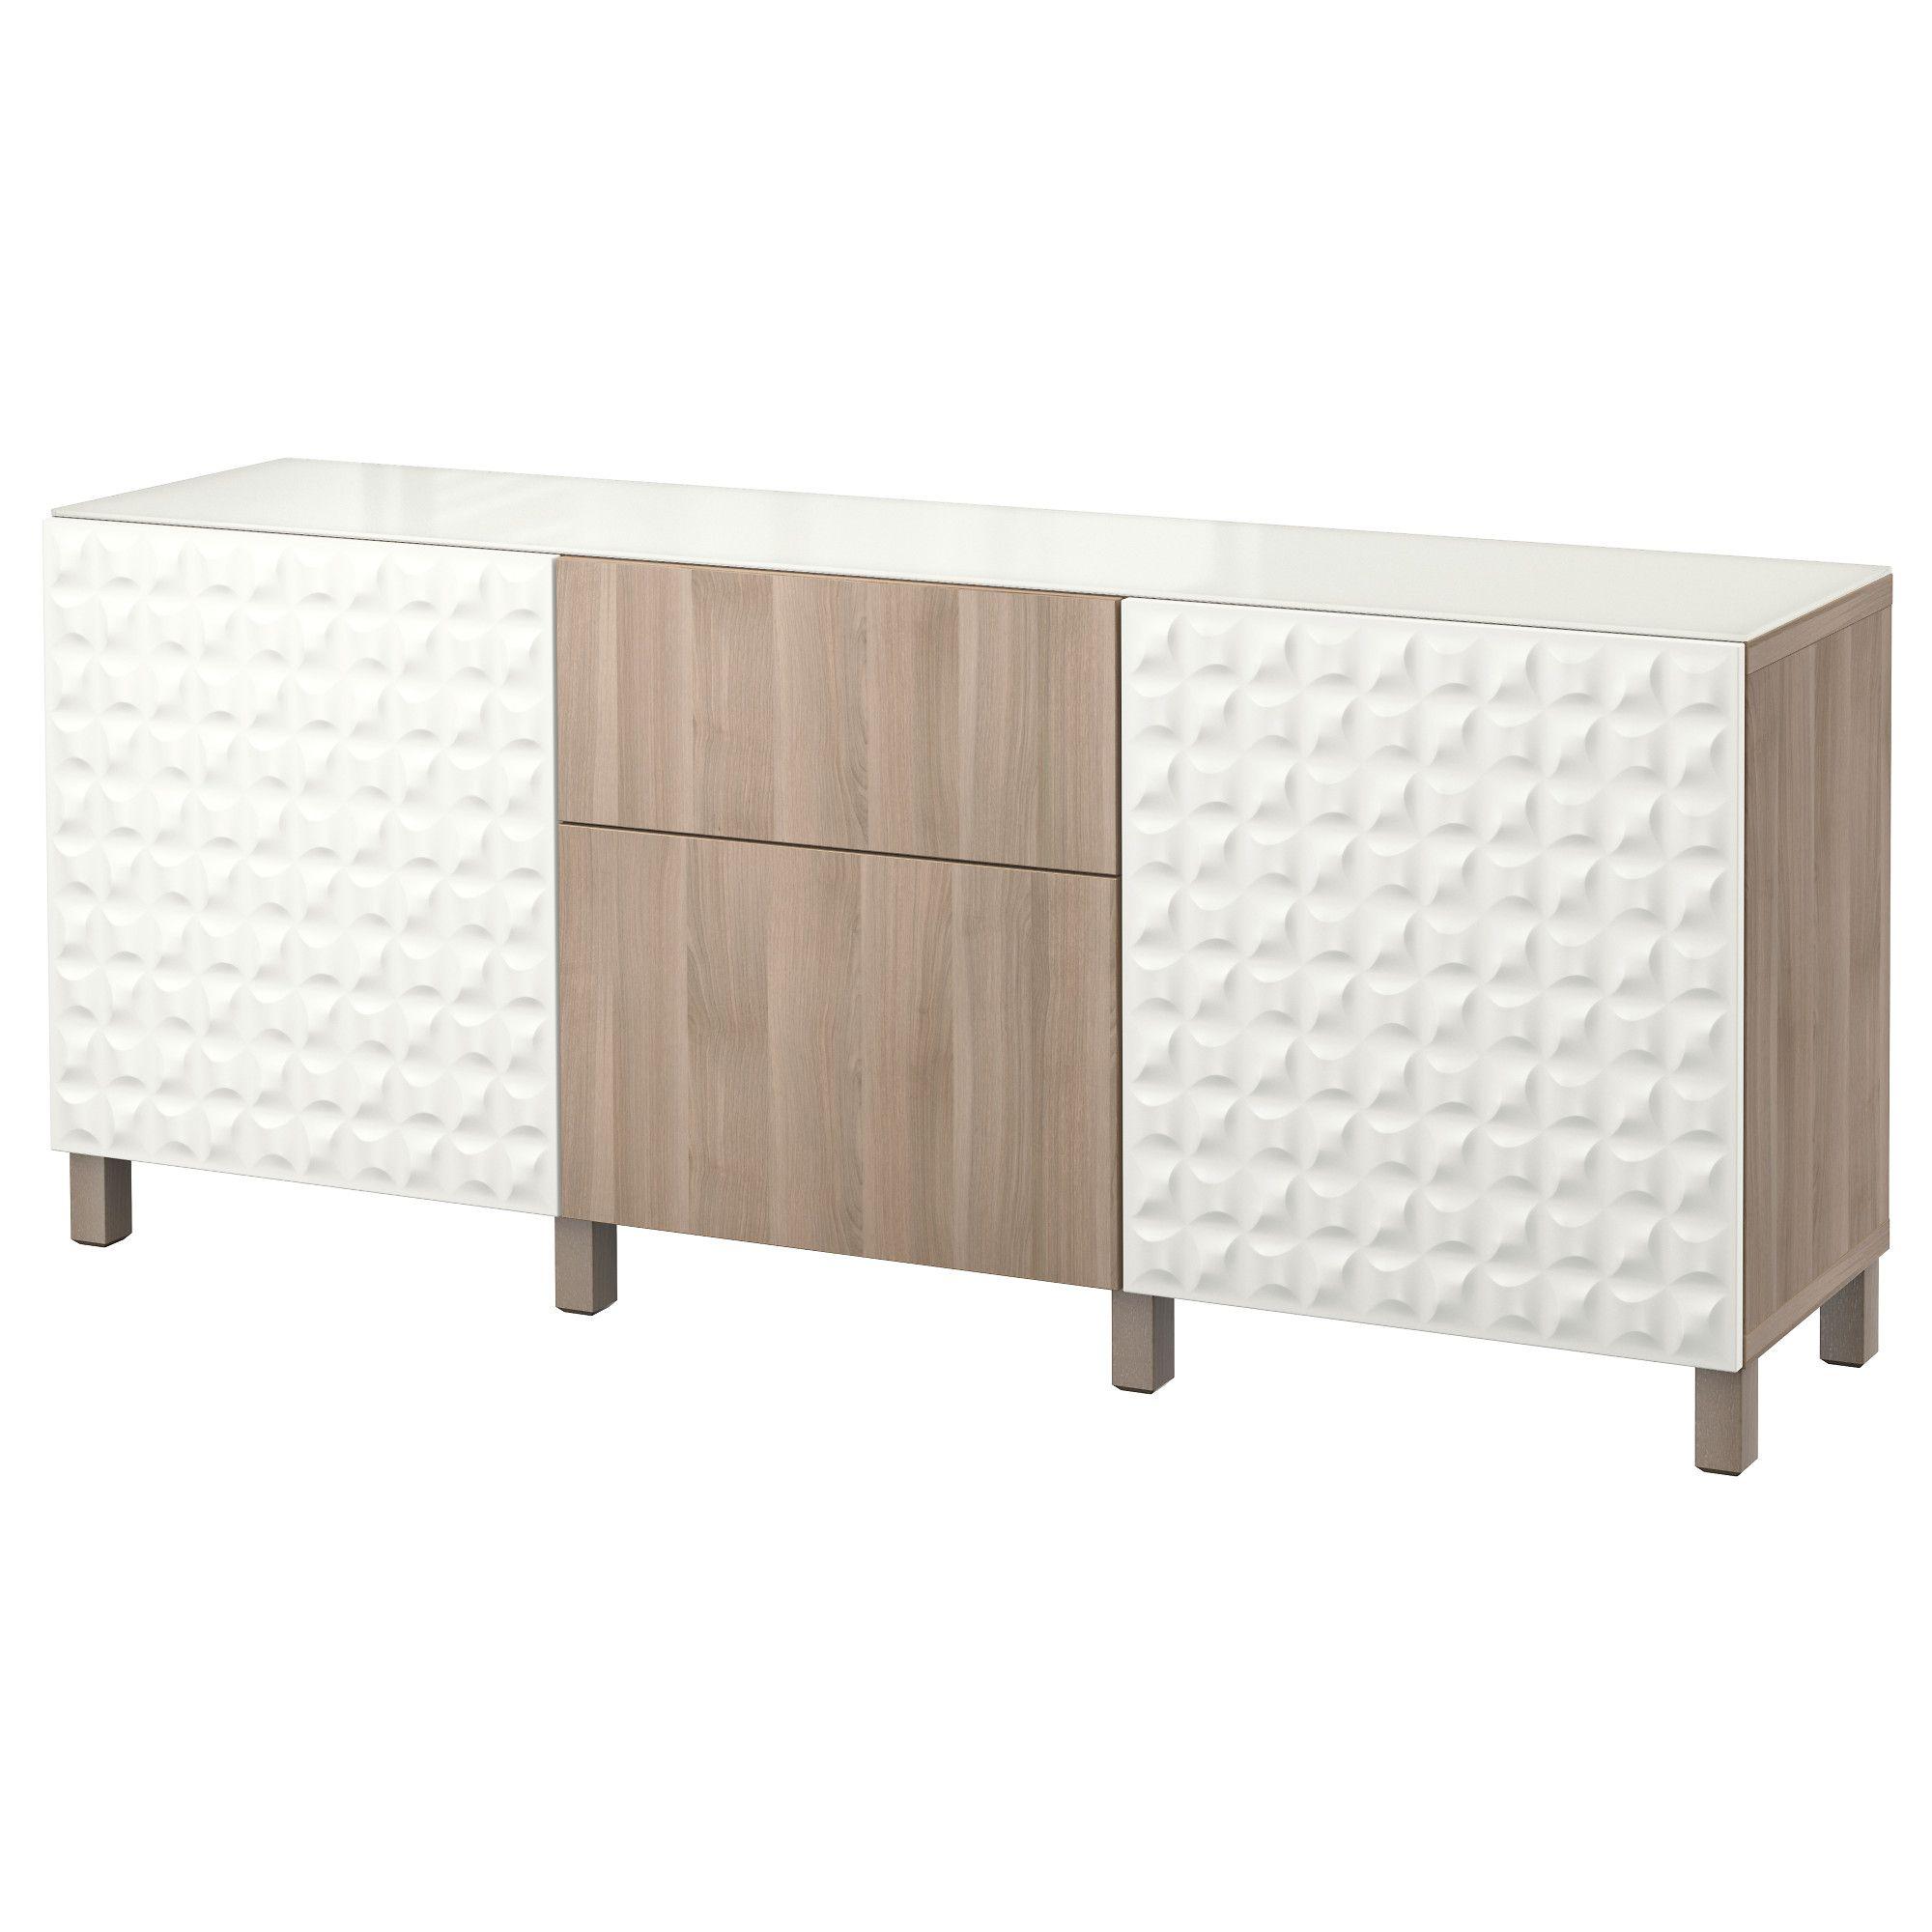 pin by ladendirekt on tv hifi m bel hifi m bel m bel tv hifi m bel. Black Bedroom Furniture Sets. Home Design Ideas